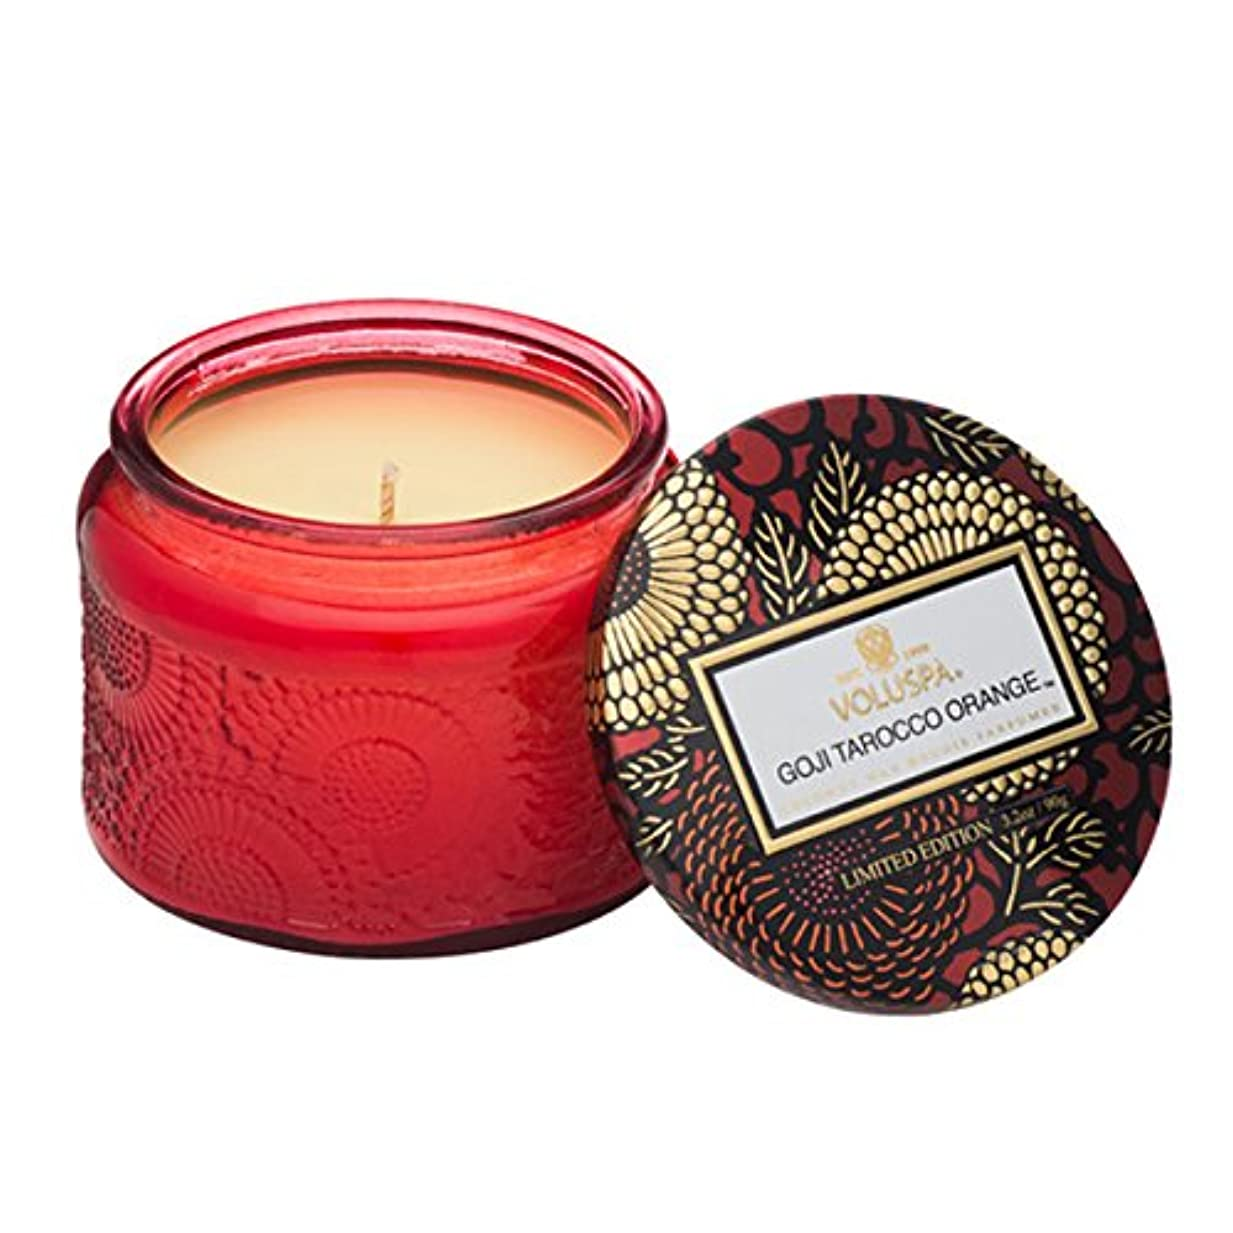 Voluspa ボルスパ ジャポニカ リミテッド グラスジャーキャンドル  S ゴージ&タロッコオレンジ GOJI & TAROCCO ORANGE JAPONICA Limited PETITE EMBOSSED Glass jar candle